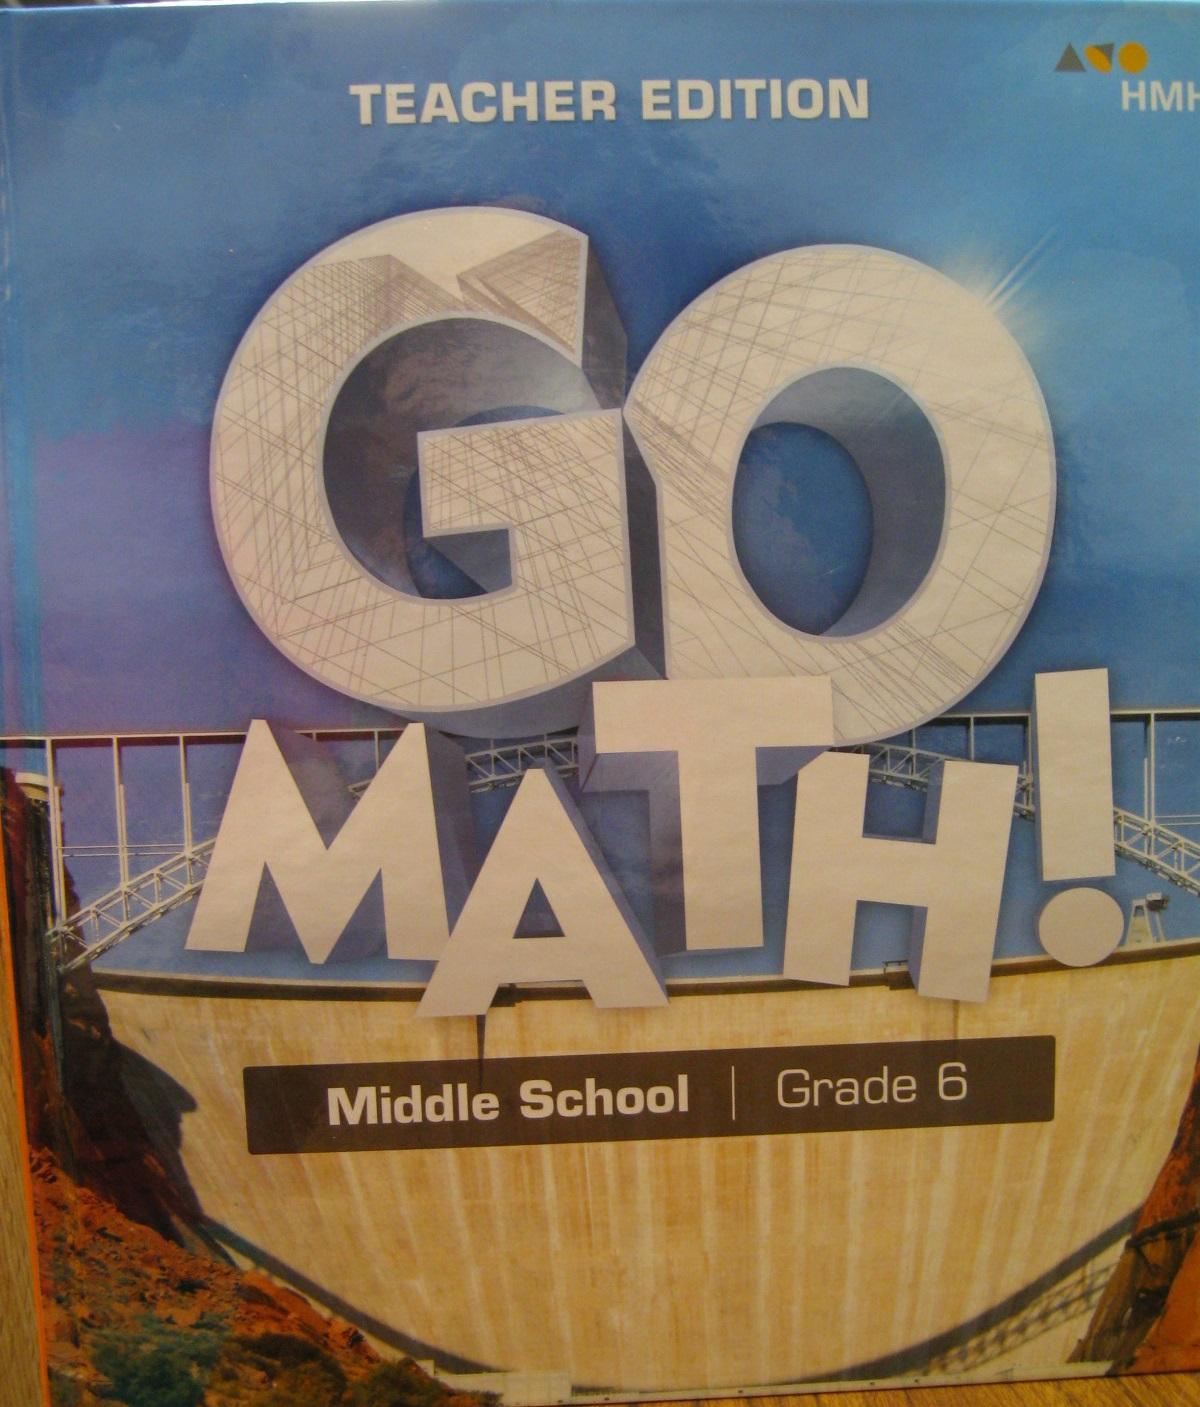 Go Math! Teacher Edition  Middle School